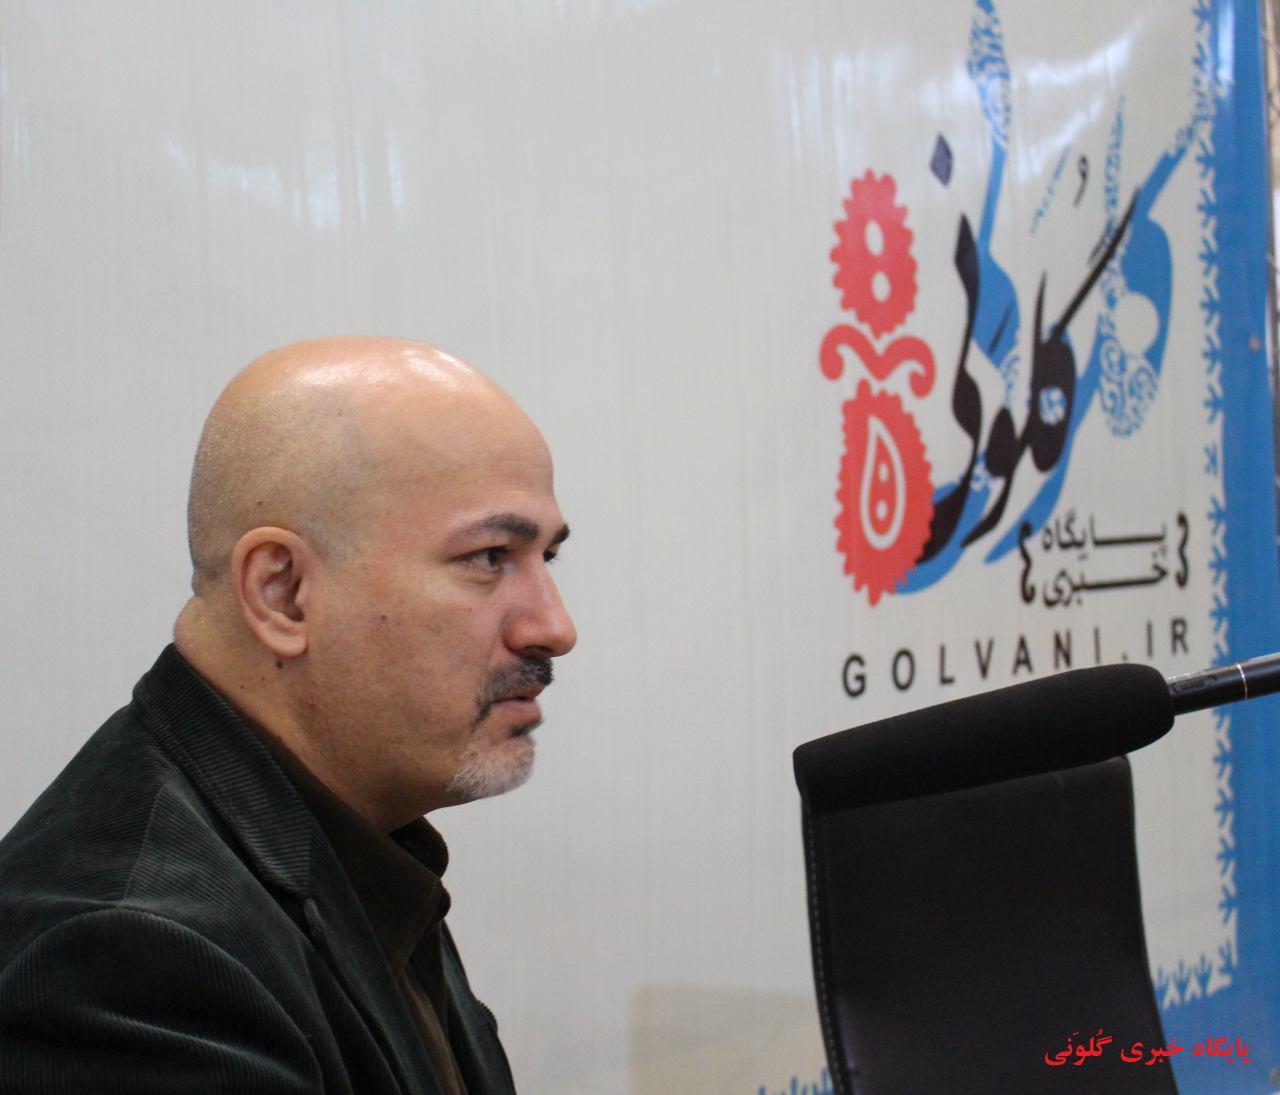 محمد درویش مدیر تعریفنشده دولتی